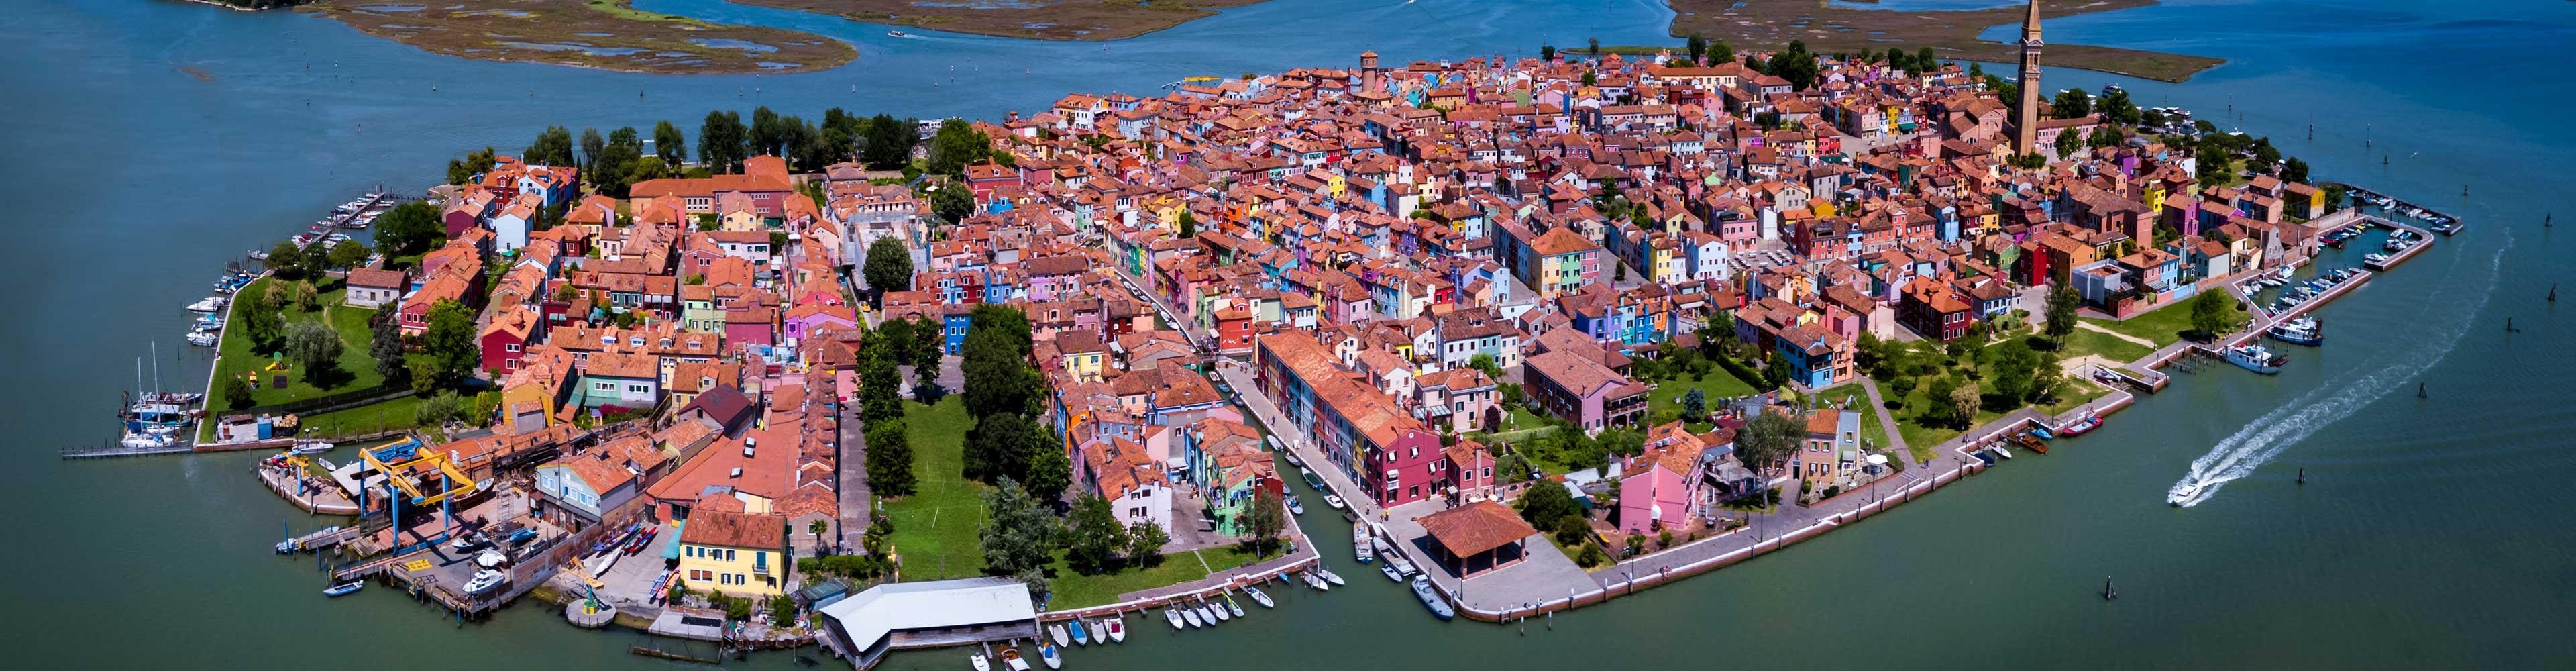 Excursión a las islas de Murano, Burano y Torcello